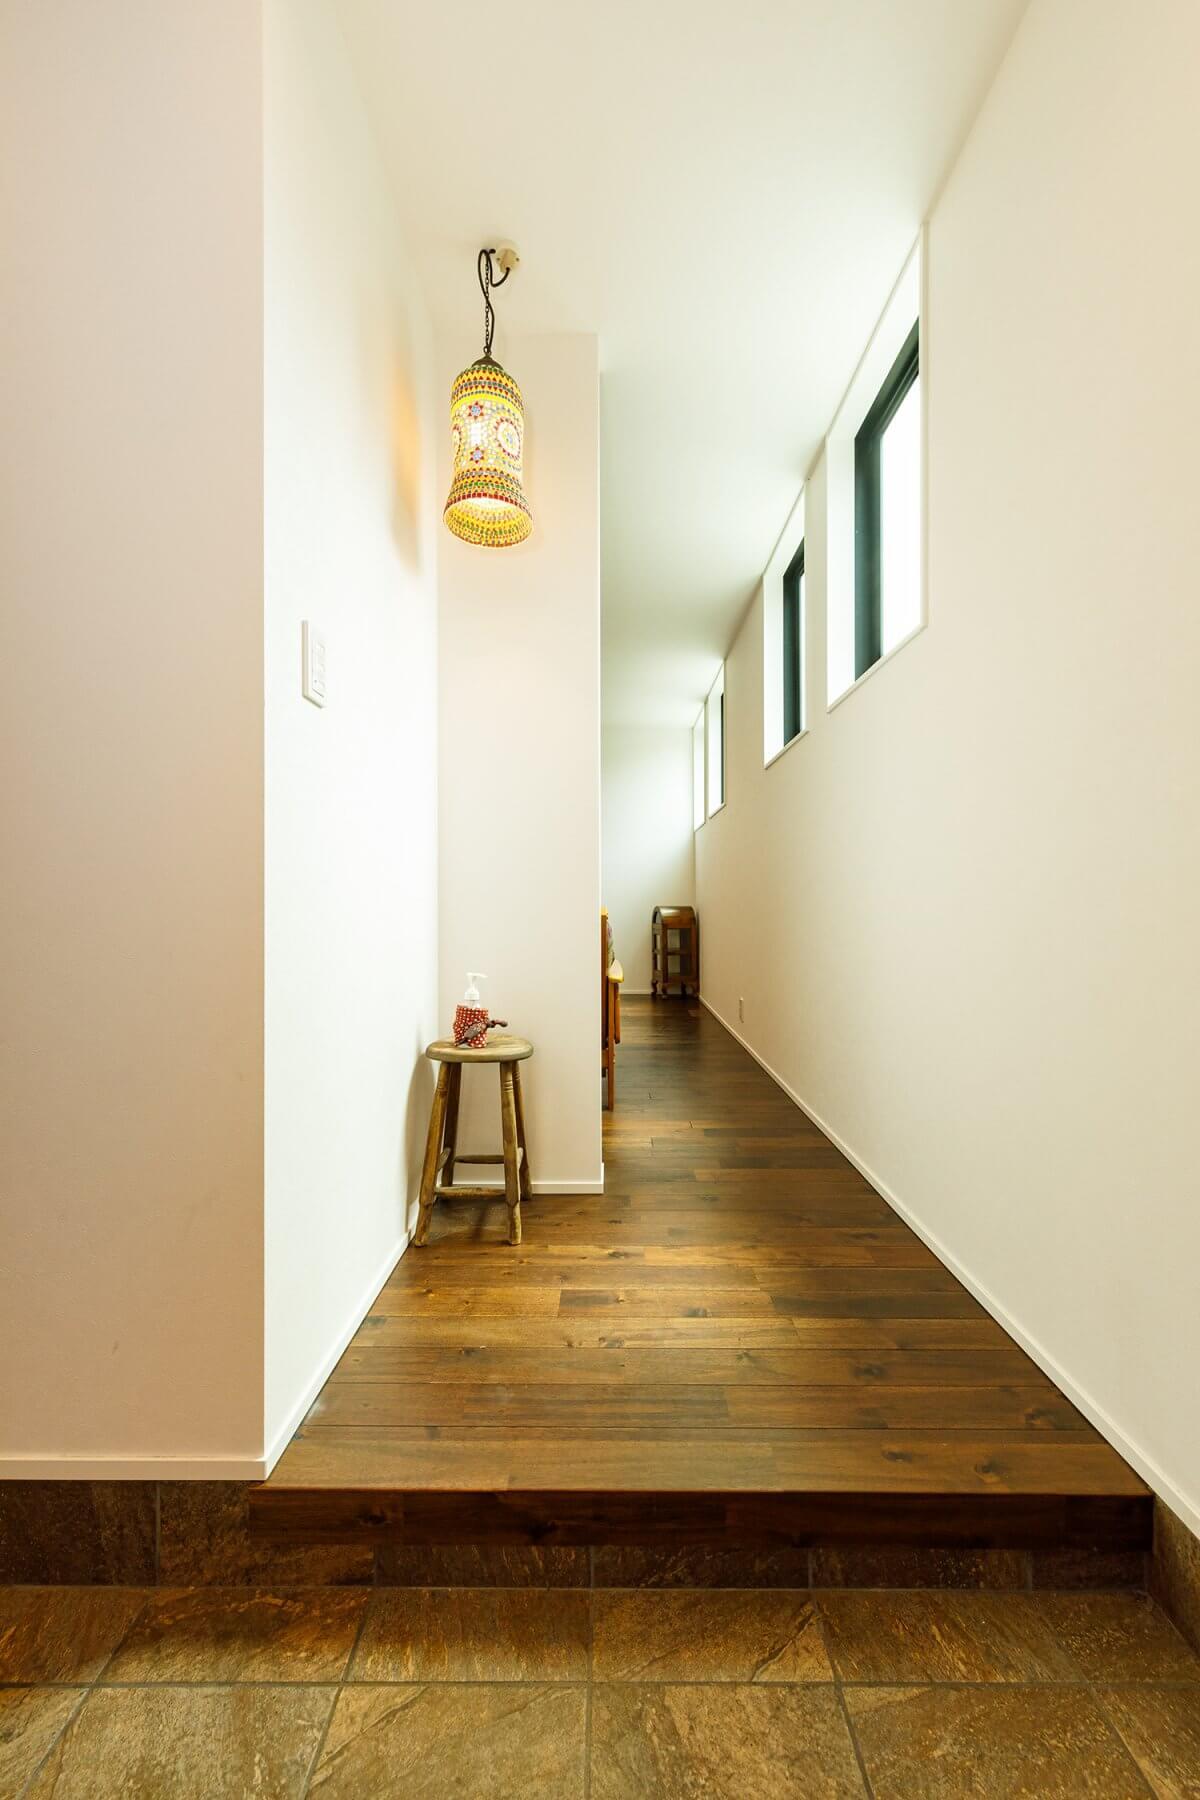 シンプルな玄関には、リビングとの間に建具を設けず、オープンなスタイルに。以前の住まいから大切に使っていたステンドグラスのペンダントライトをぶら下げるスペースを設けて、印象的に空間を演出しました。